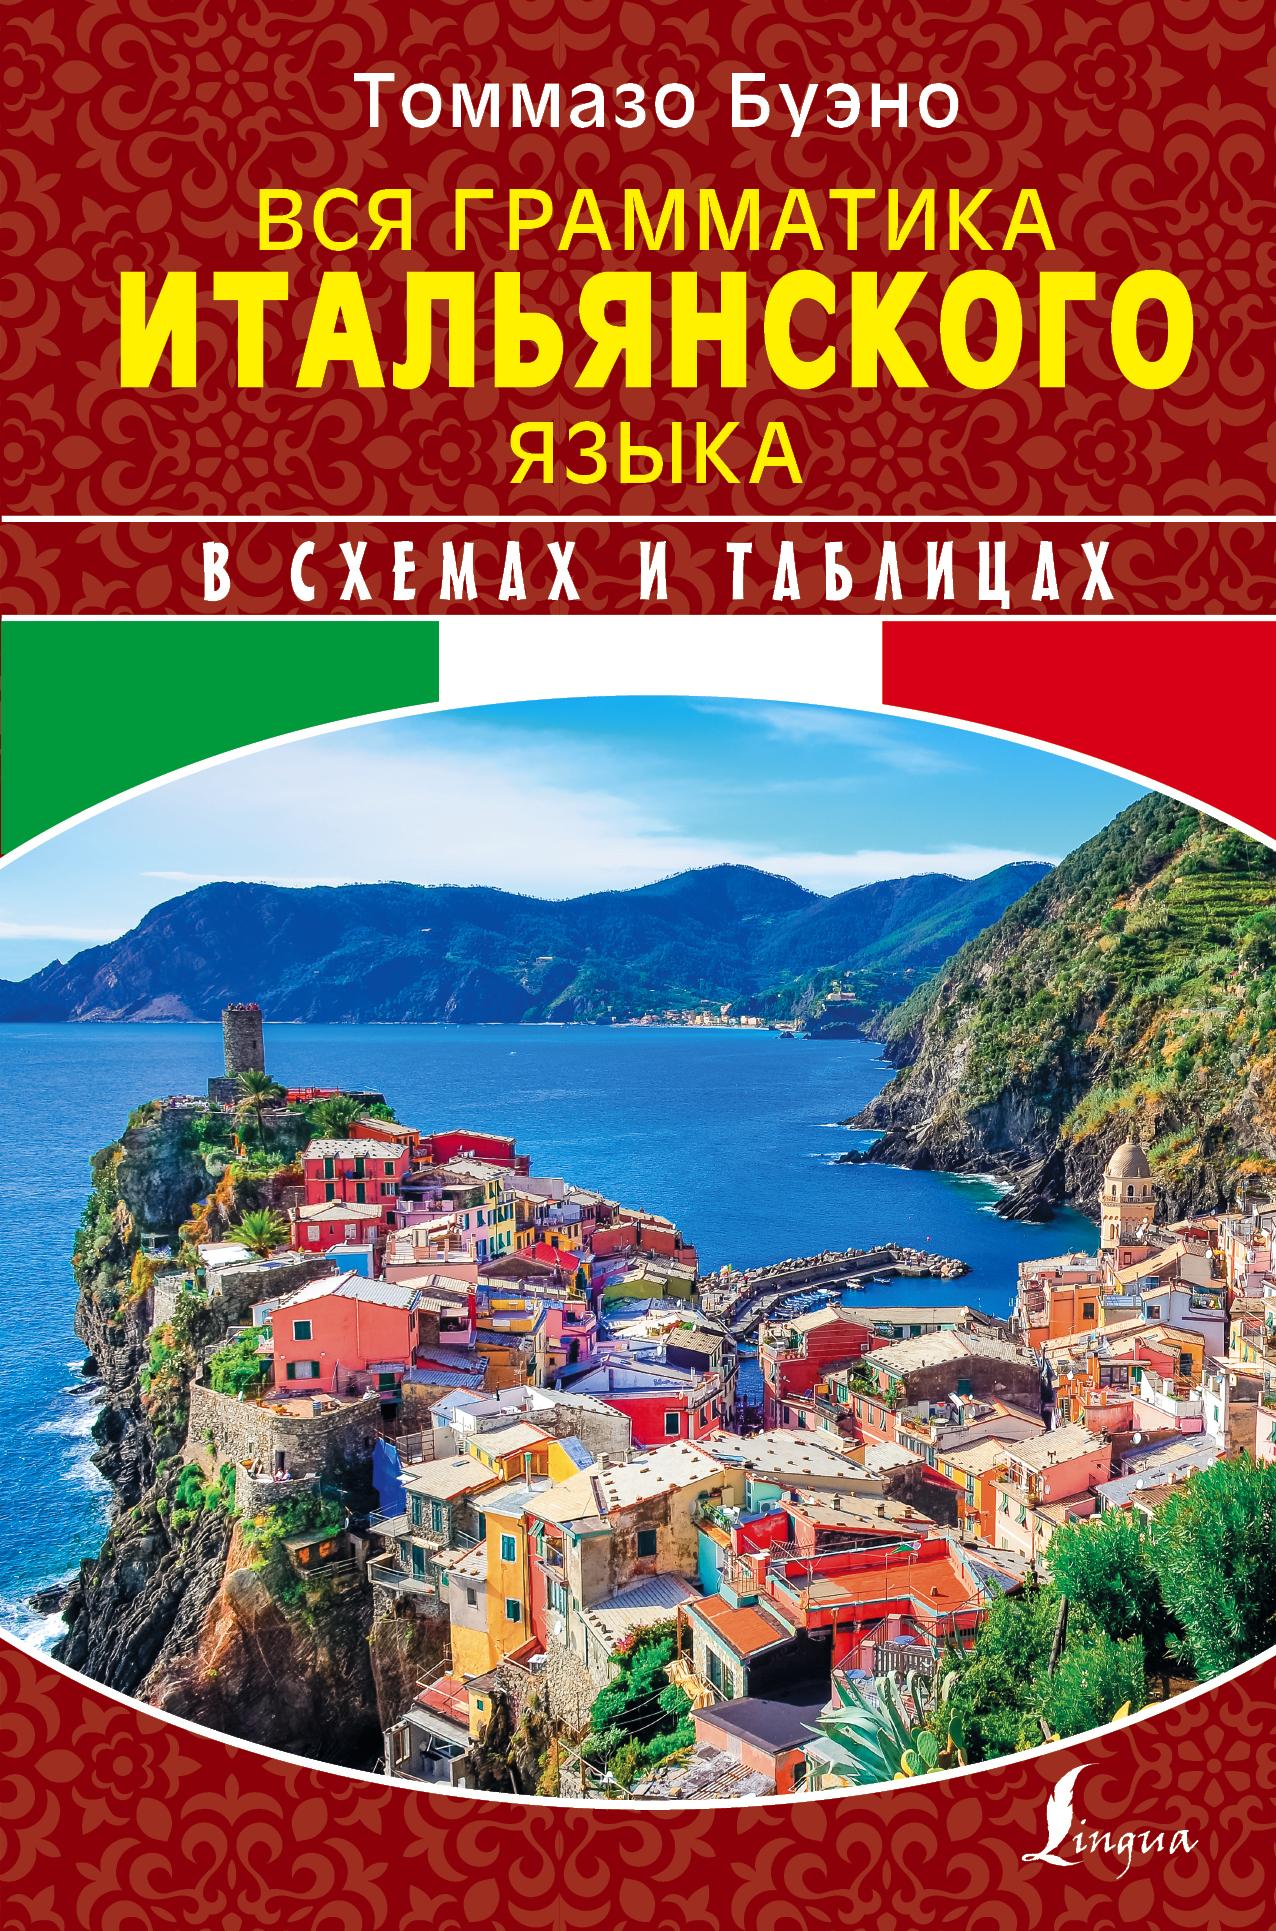 Вся грамматика итальянского языка в схемах и таблицах